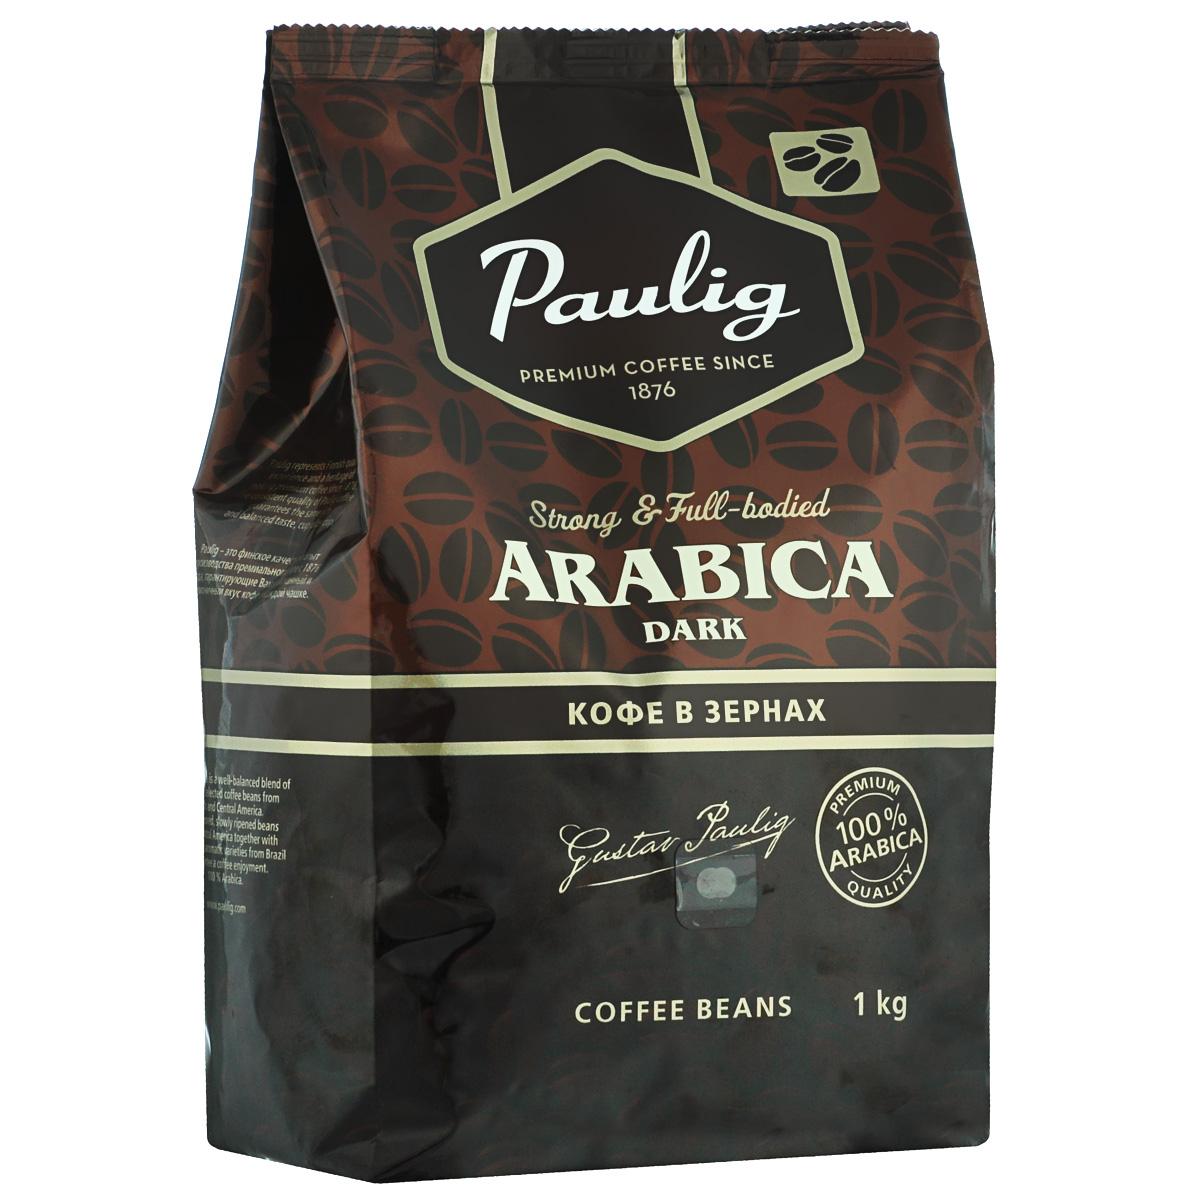 Paulig Arabica Dark кофе в зернах, 1 кг16608Paulig Arabica – это прекрасно сбалансированная смесь тщательно отобранных кофейных зерен из Южной и Центральной Америки. Все богатство аромата медленно созревающих зерен из Центральной Америки в сочетании со сладкими нотами и бархатистым вкусом бразильских сортов гарантируют вам наслаждение.